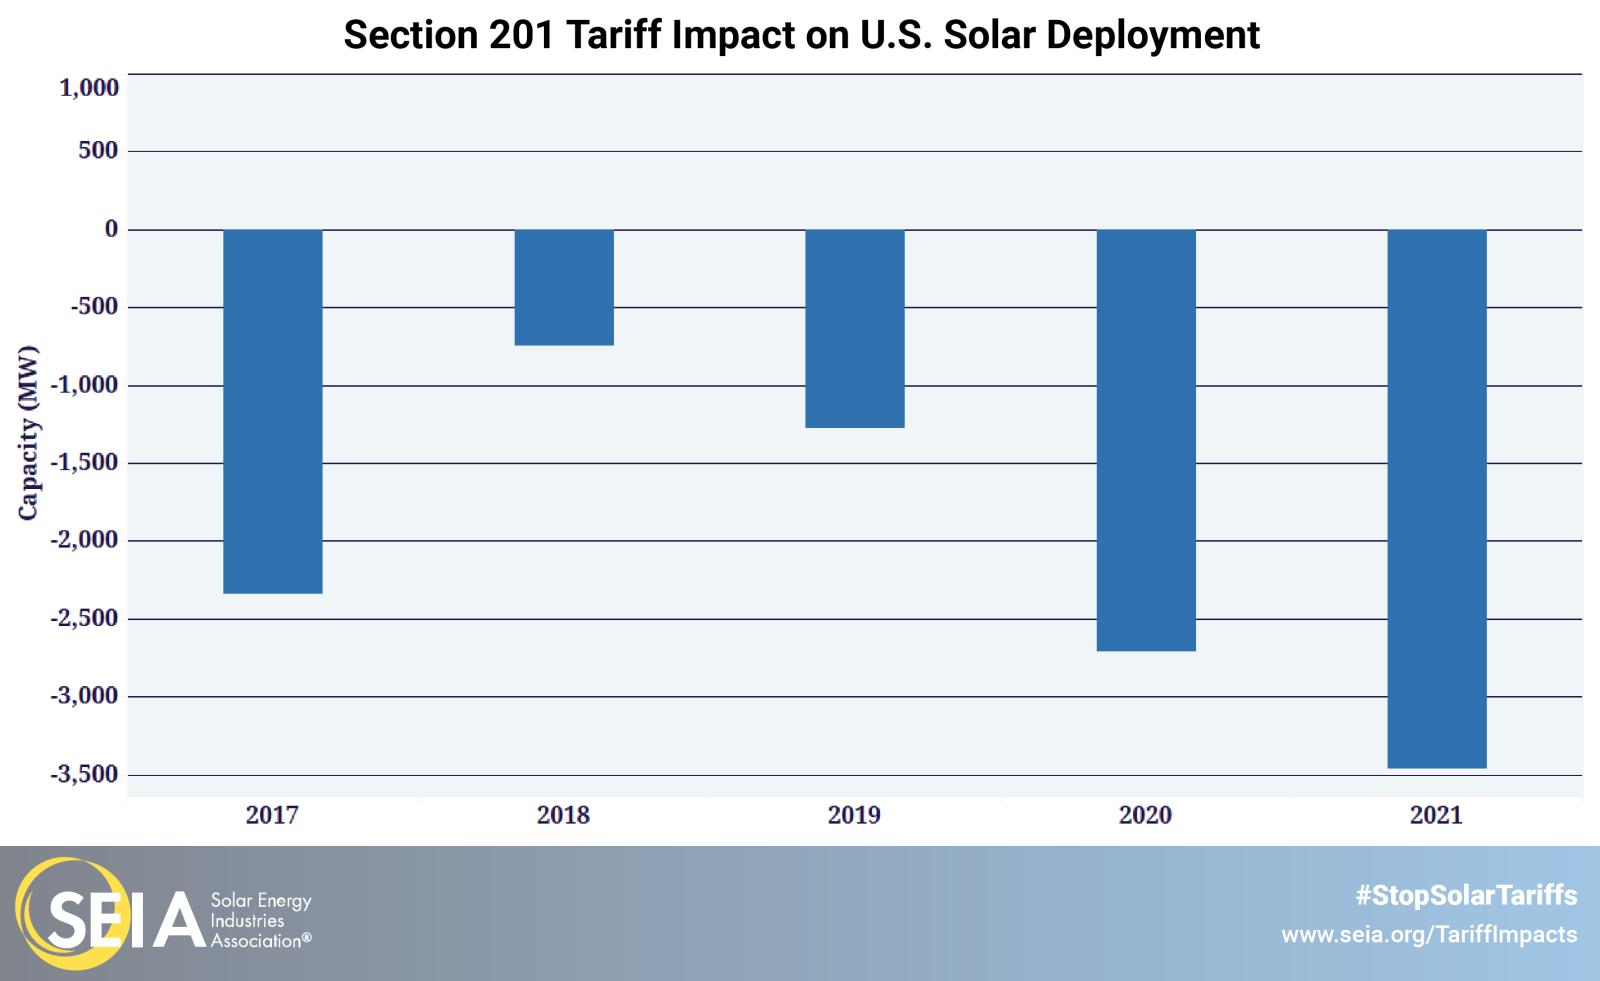 美国太阳能协会:征收进口税恶果浮现 伤及自身损失严重